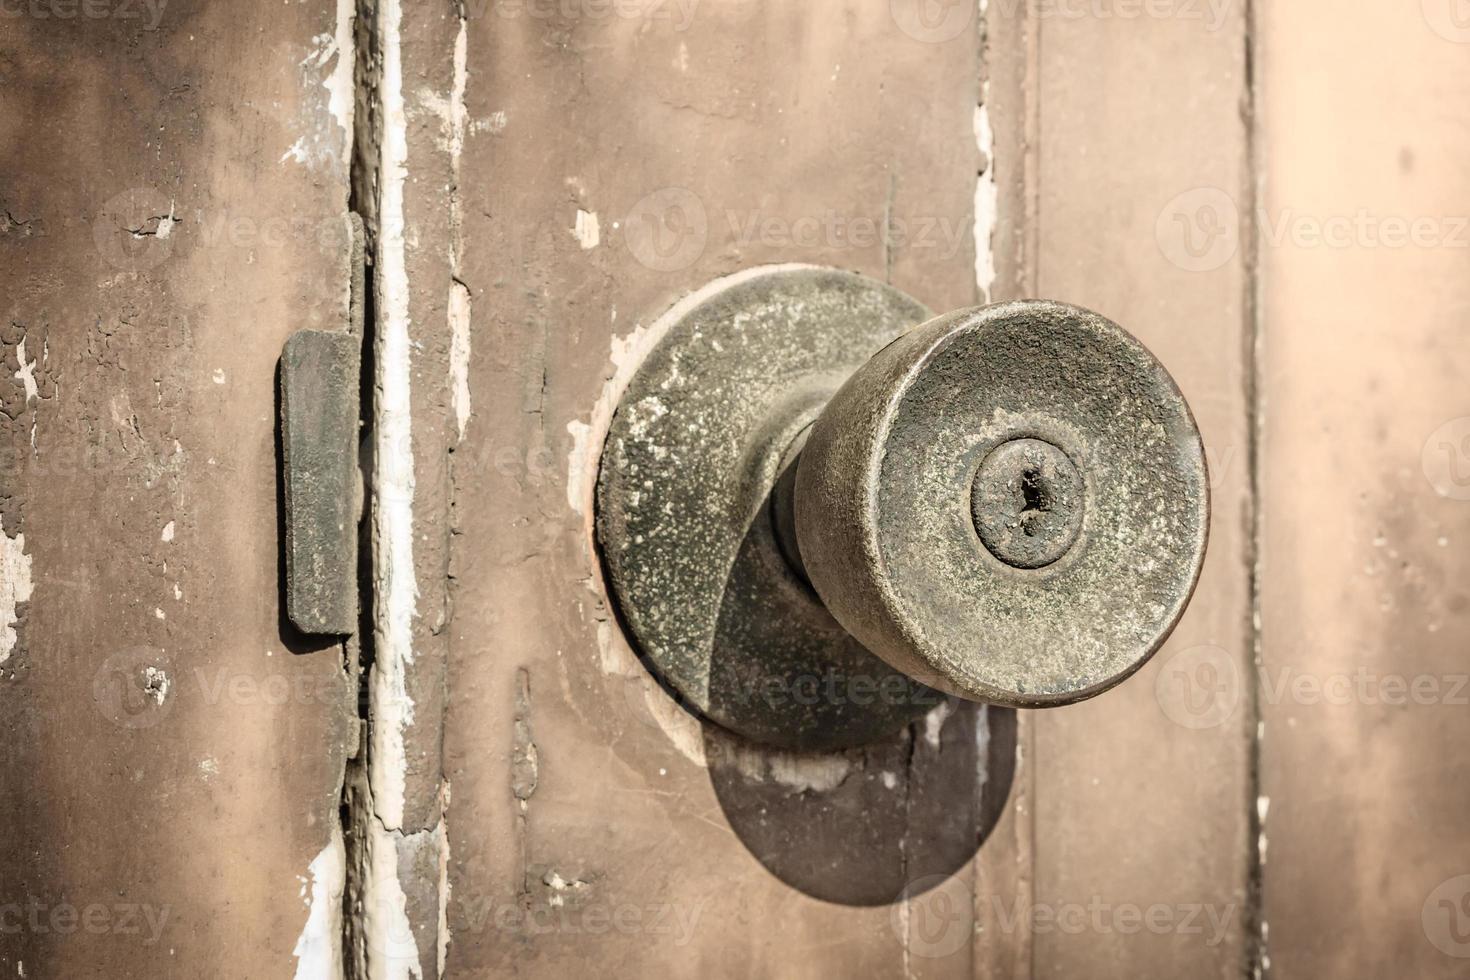 bouton de porte rustique sur la vieille porte en bois. photo